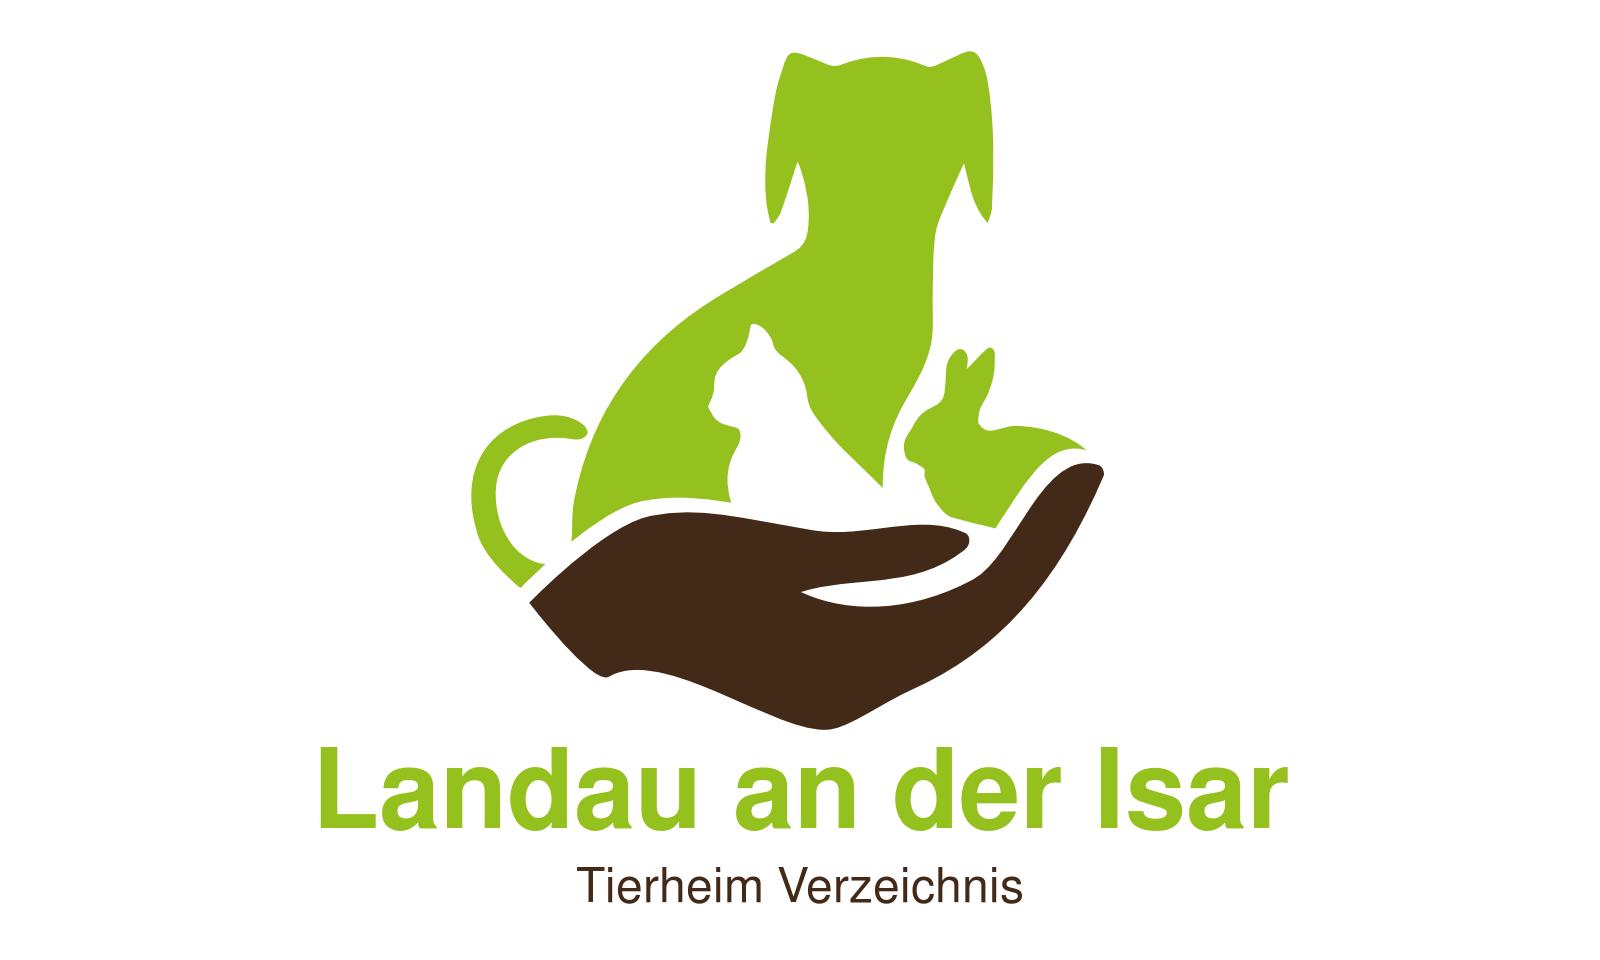 Tierheim Landau an der Isar